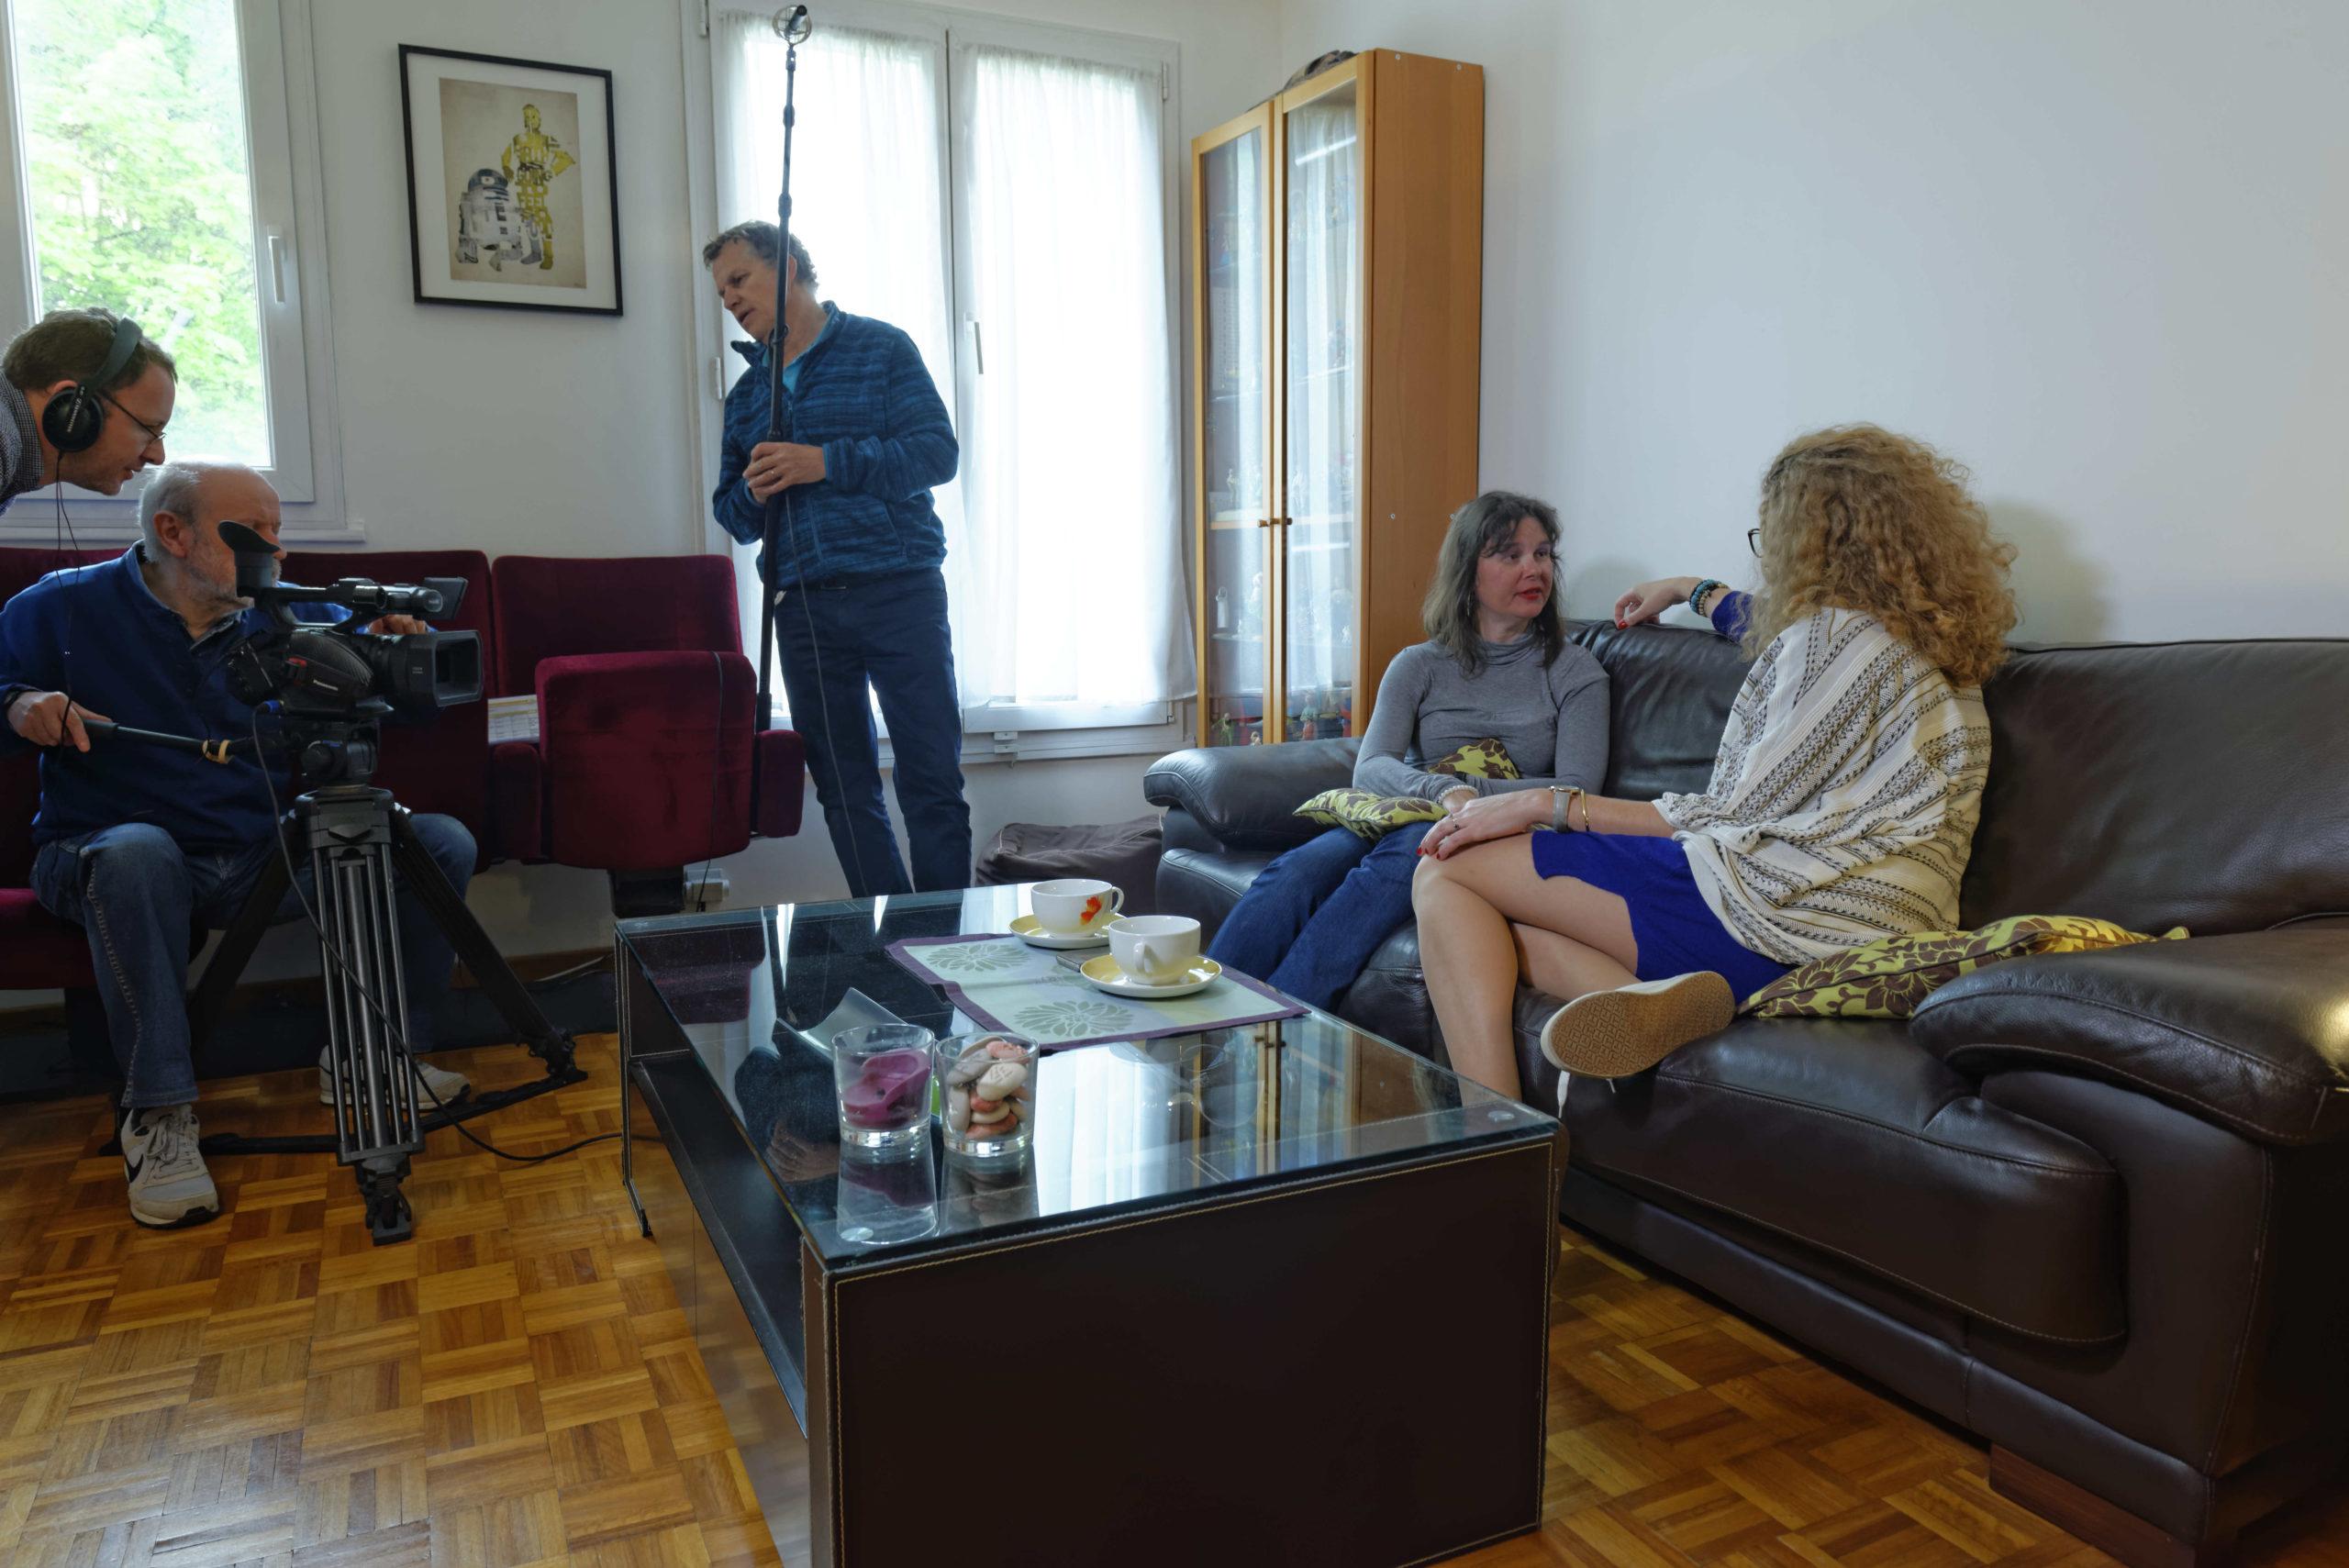 Pere et impair photos tournage 11